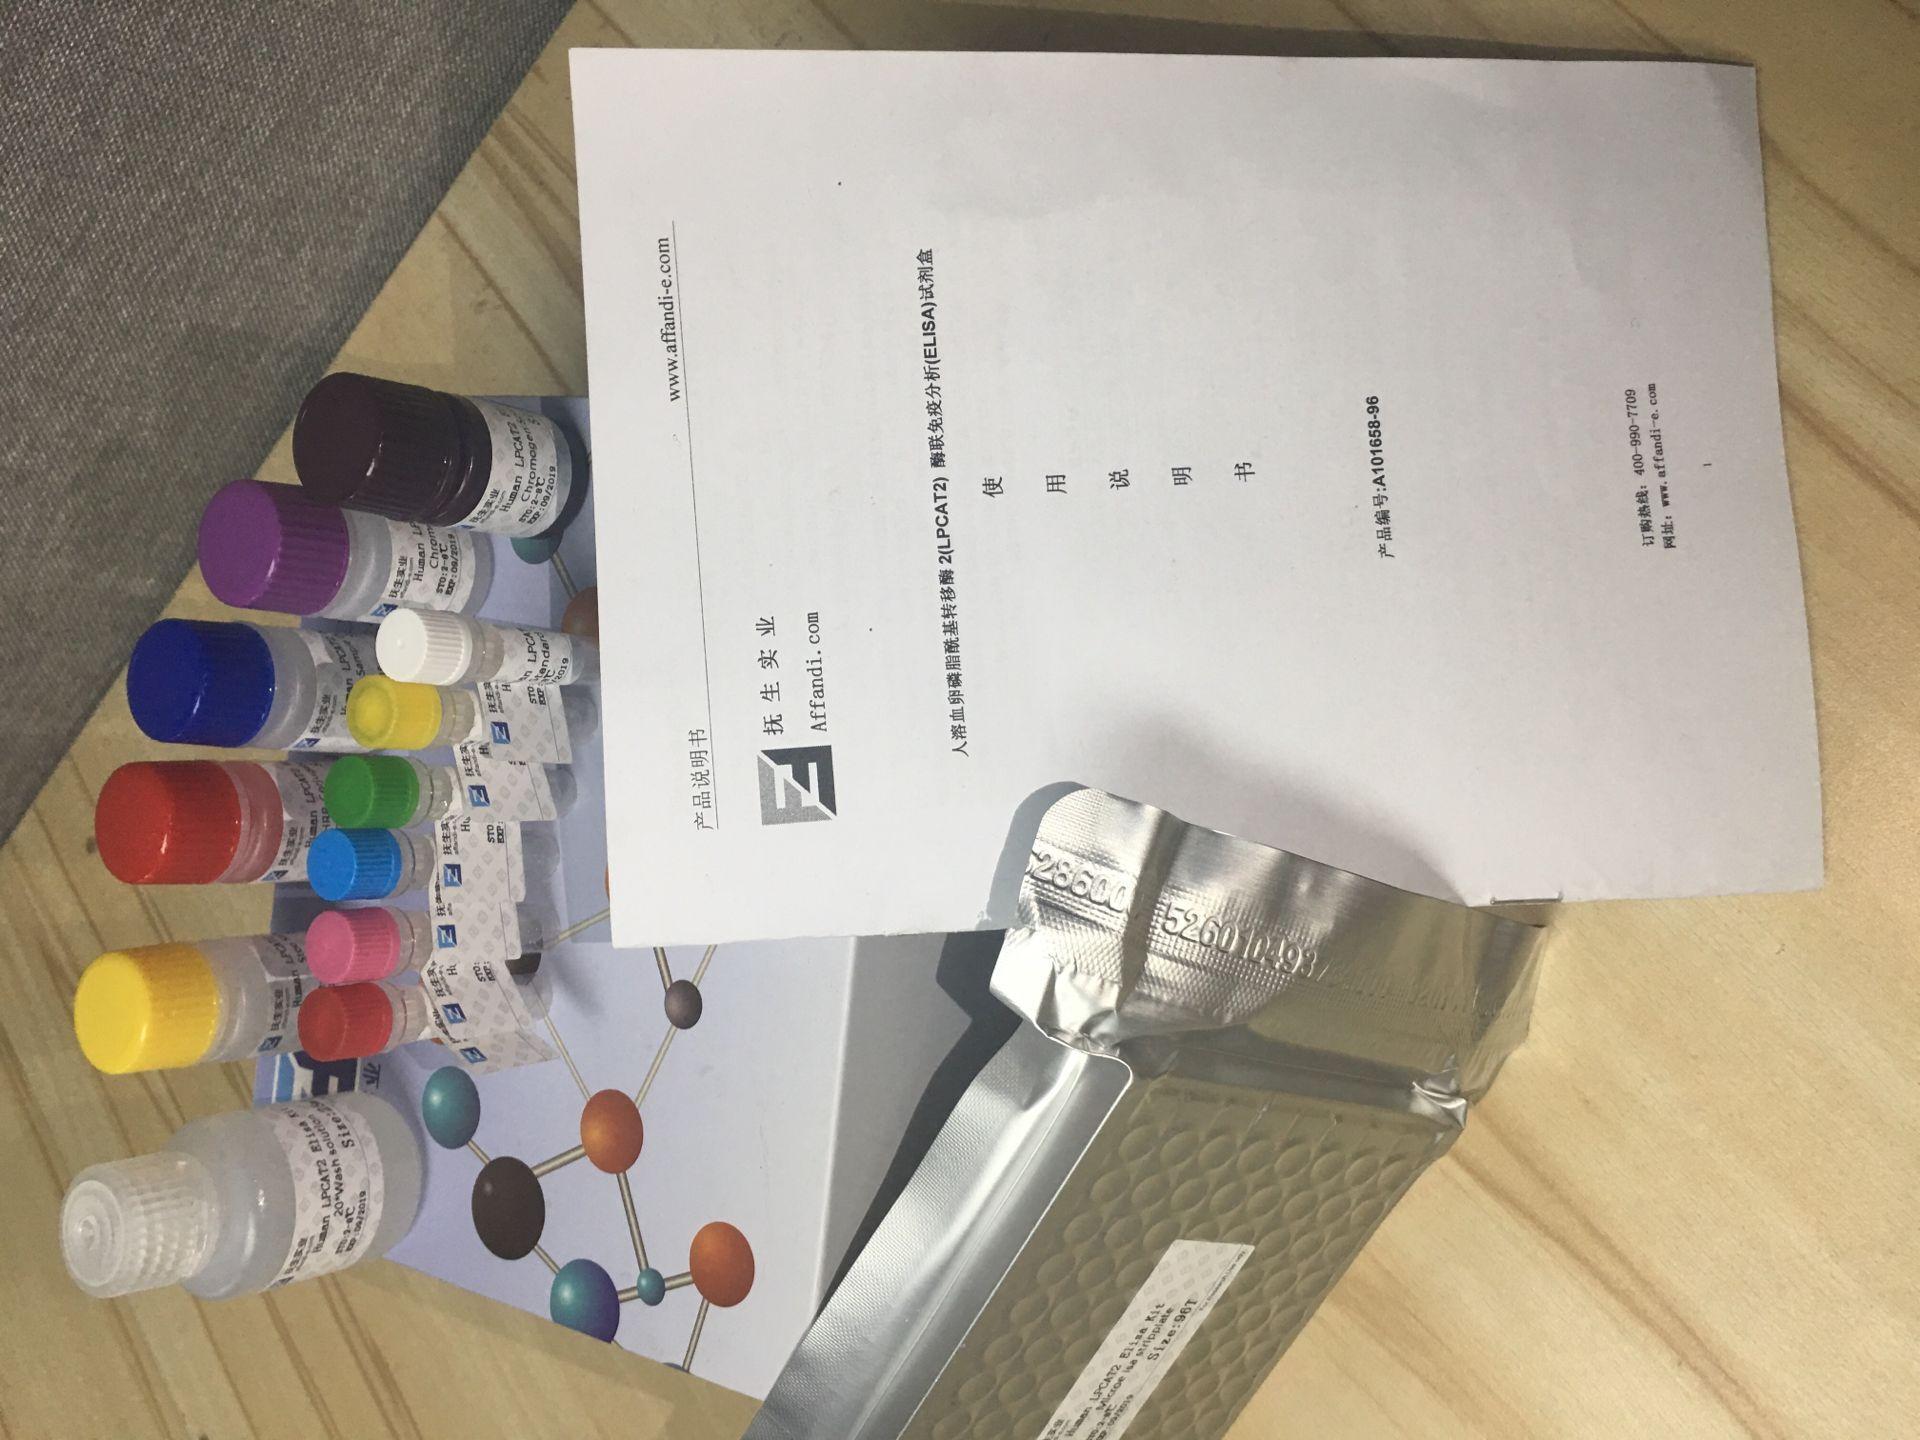 胱氨酸检测试剂盒